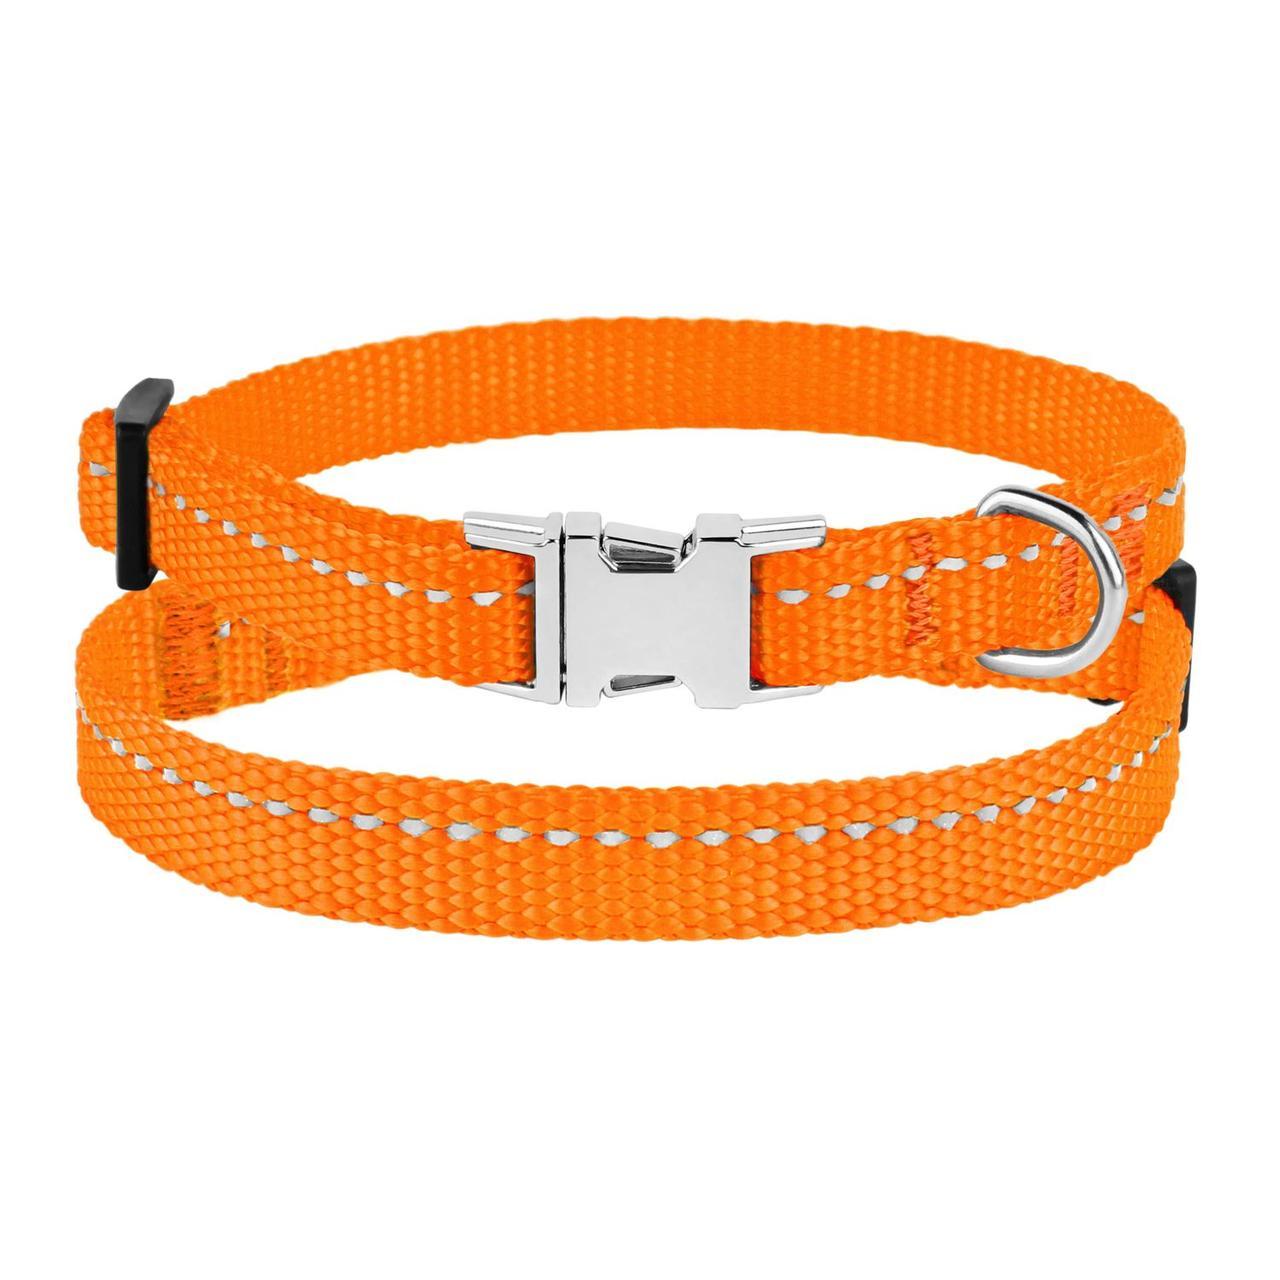 Ошейник для Собак Мелких Пород BronzeDog Active Нейлоновый со Светоотражением и Металлической Пряжкой Оранжевый XS